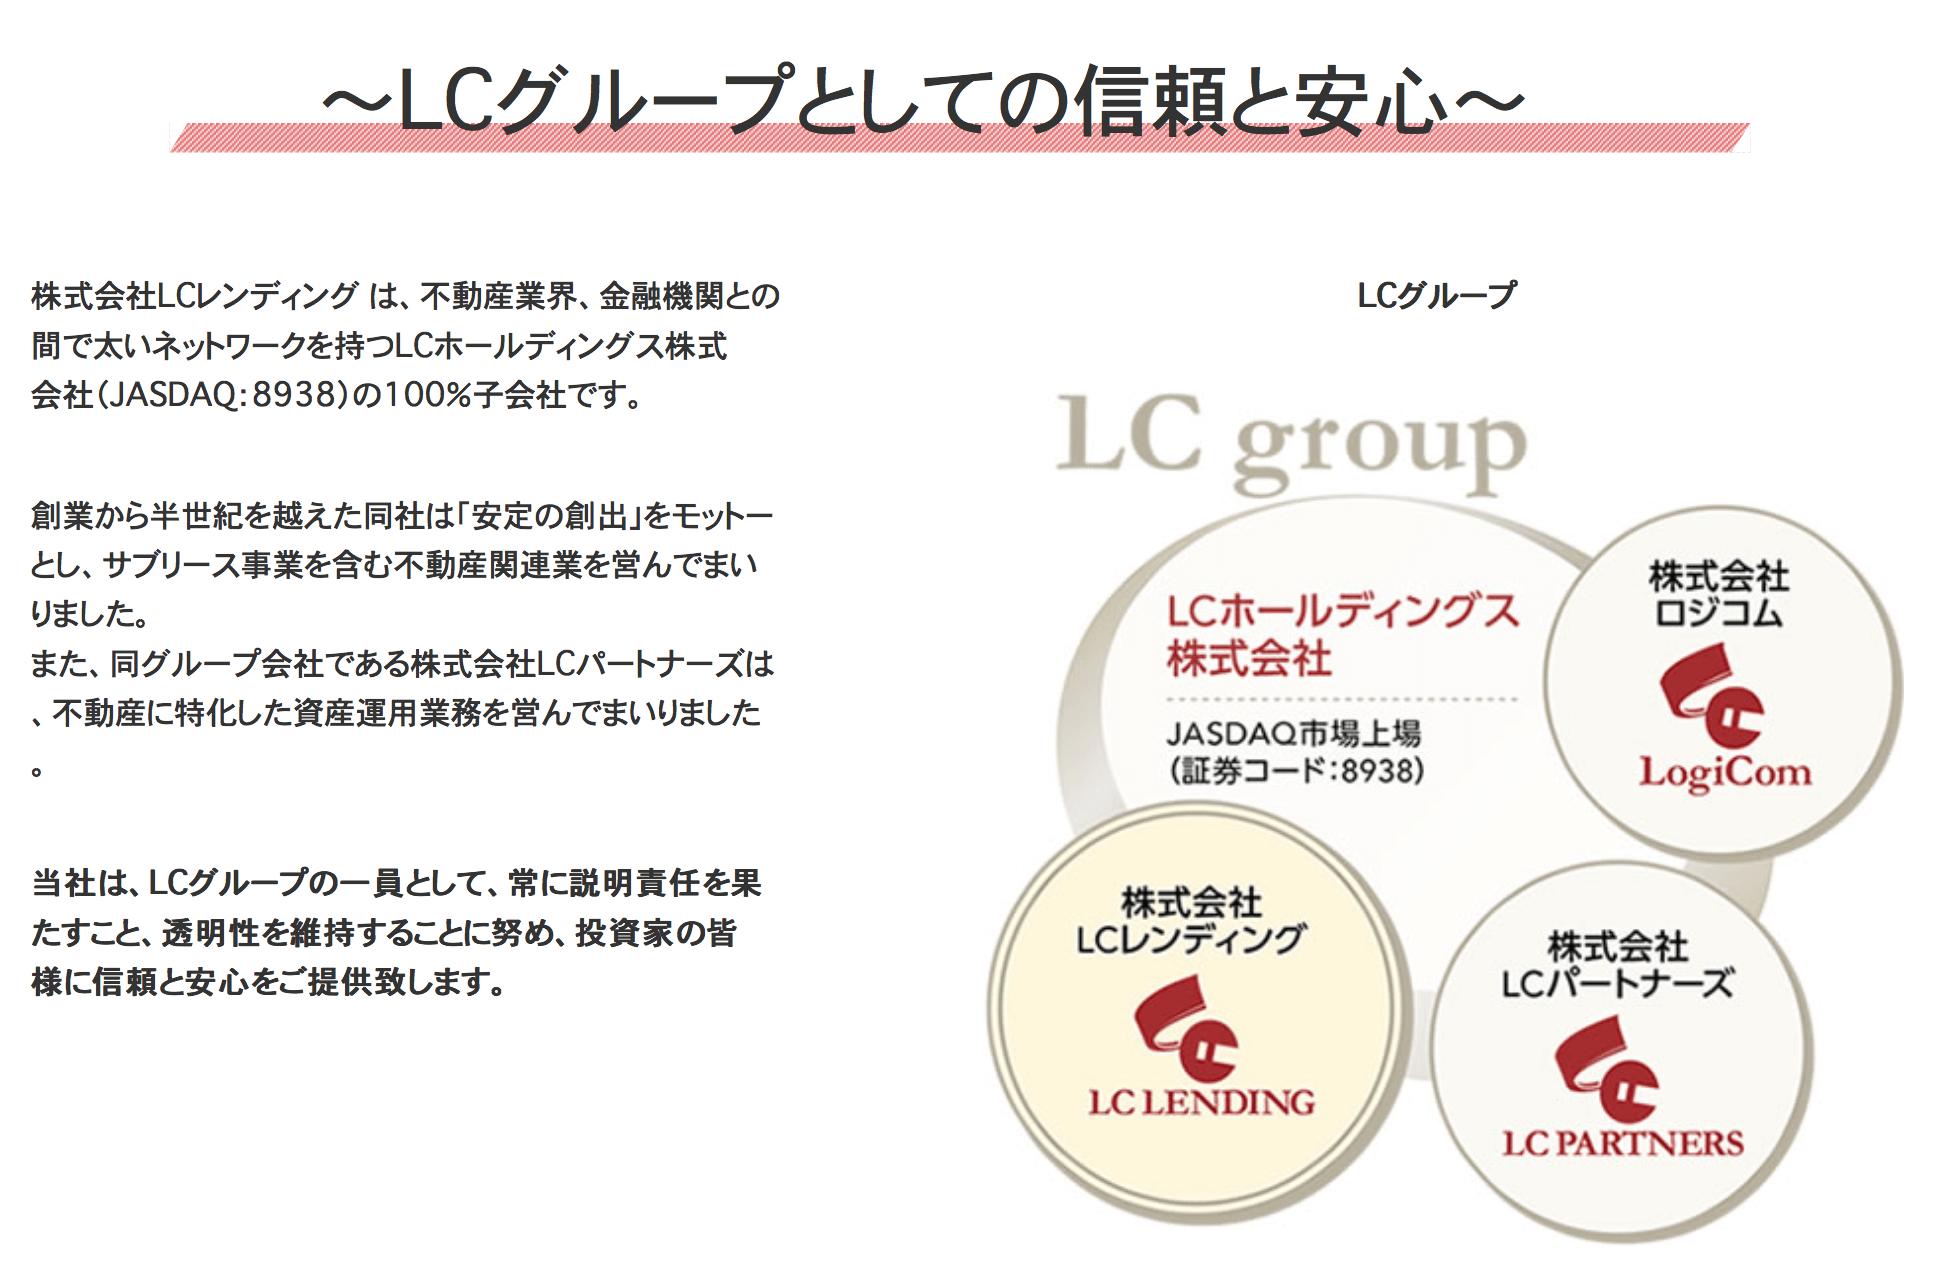 LCグループとしての信頼と安心